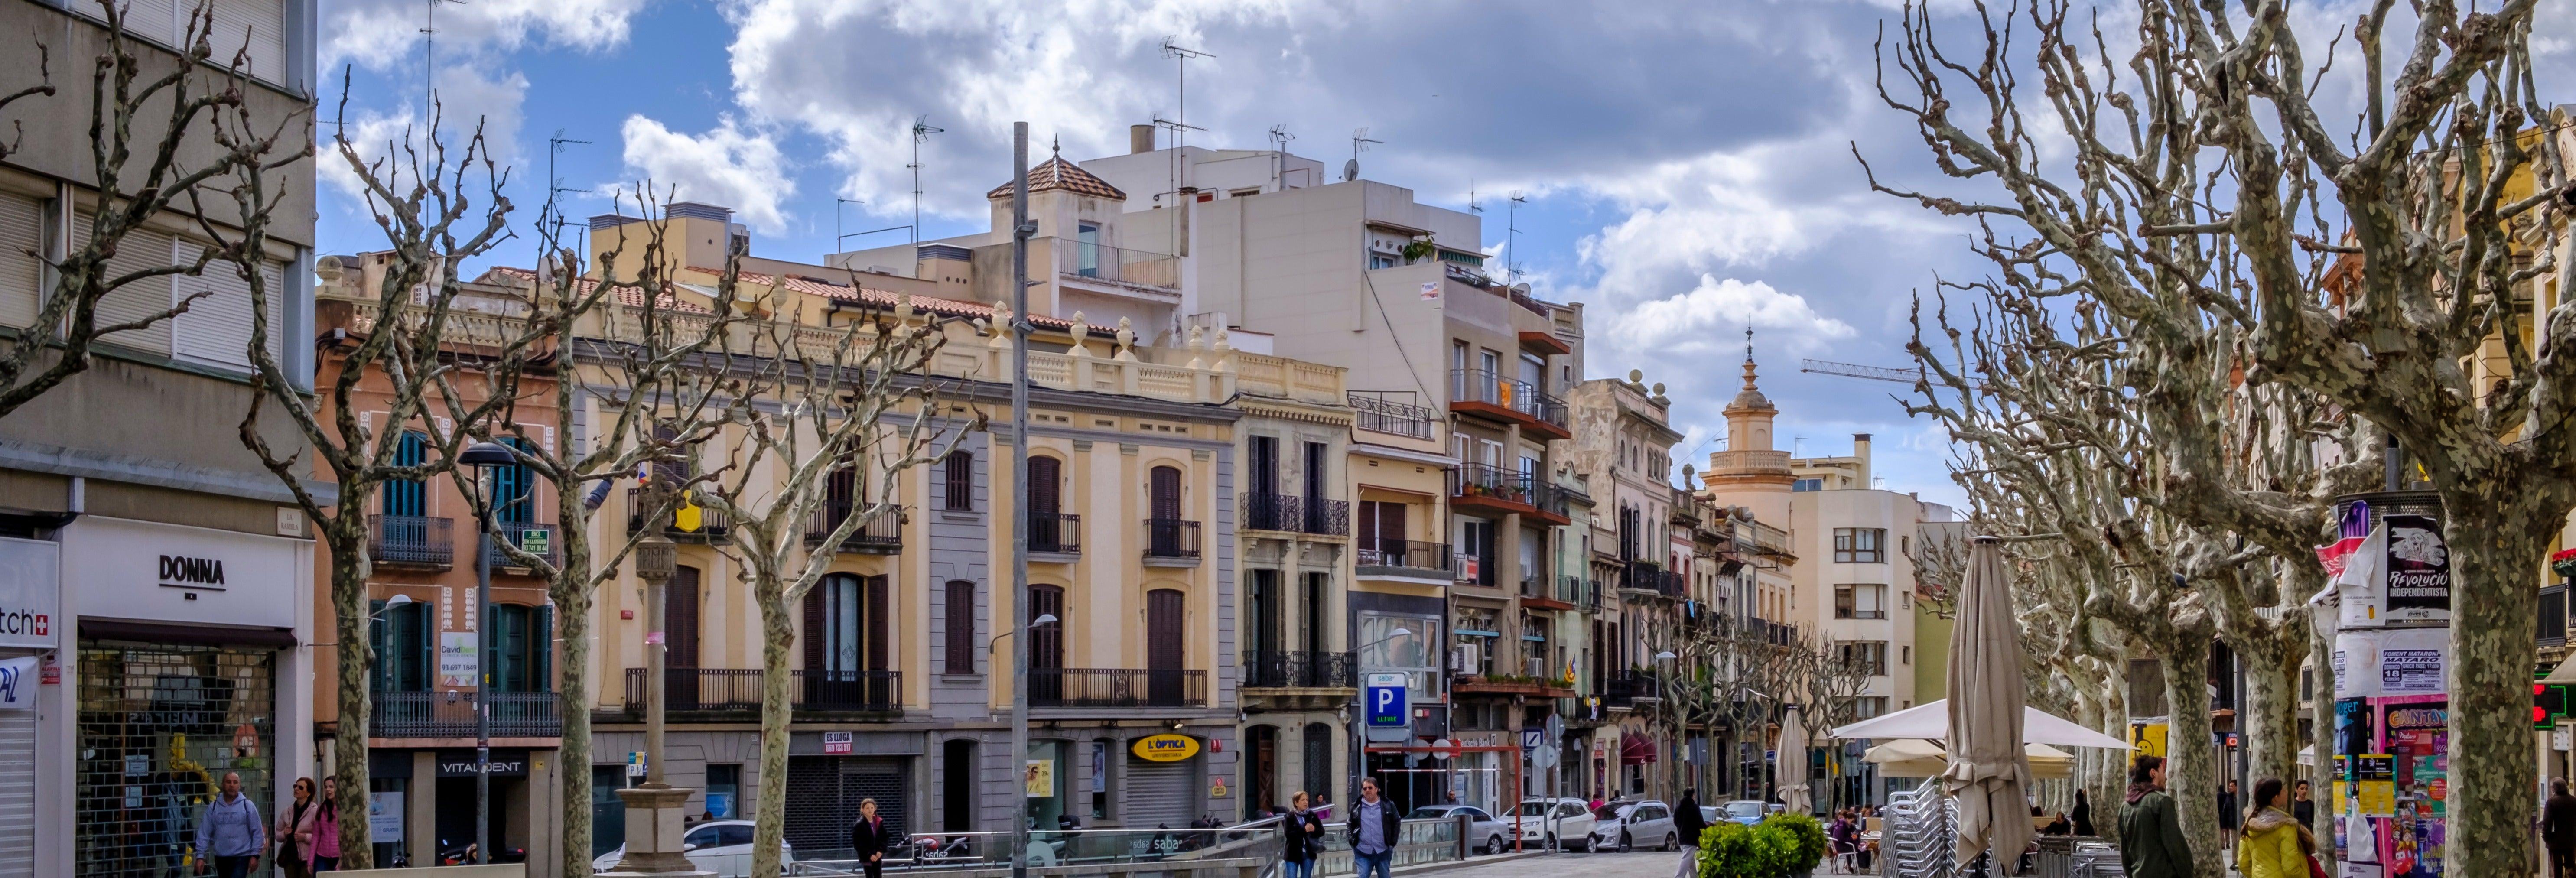 Visita guiada por Mataró